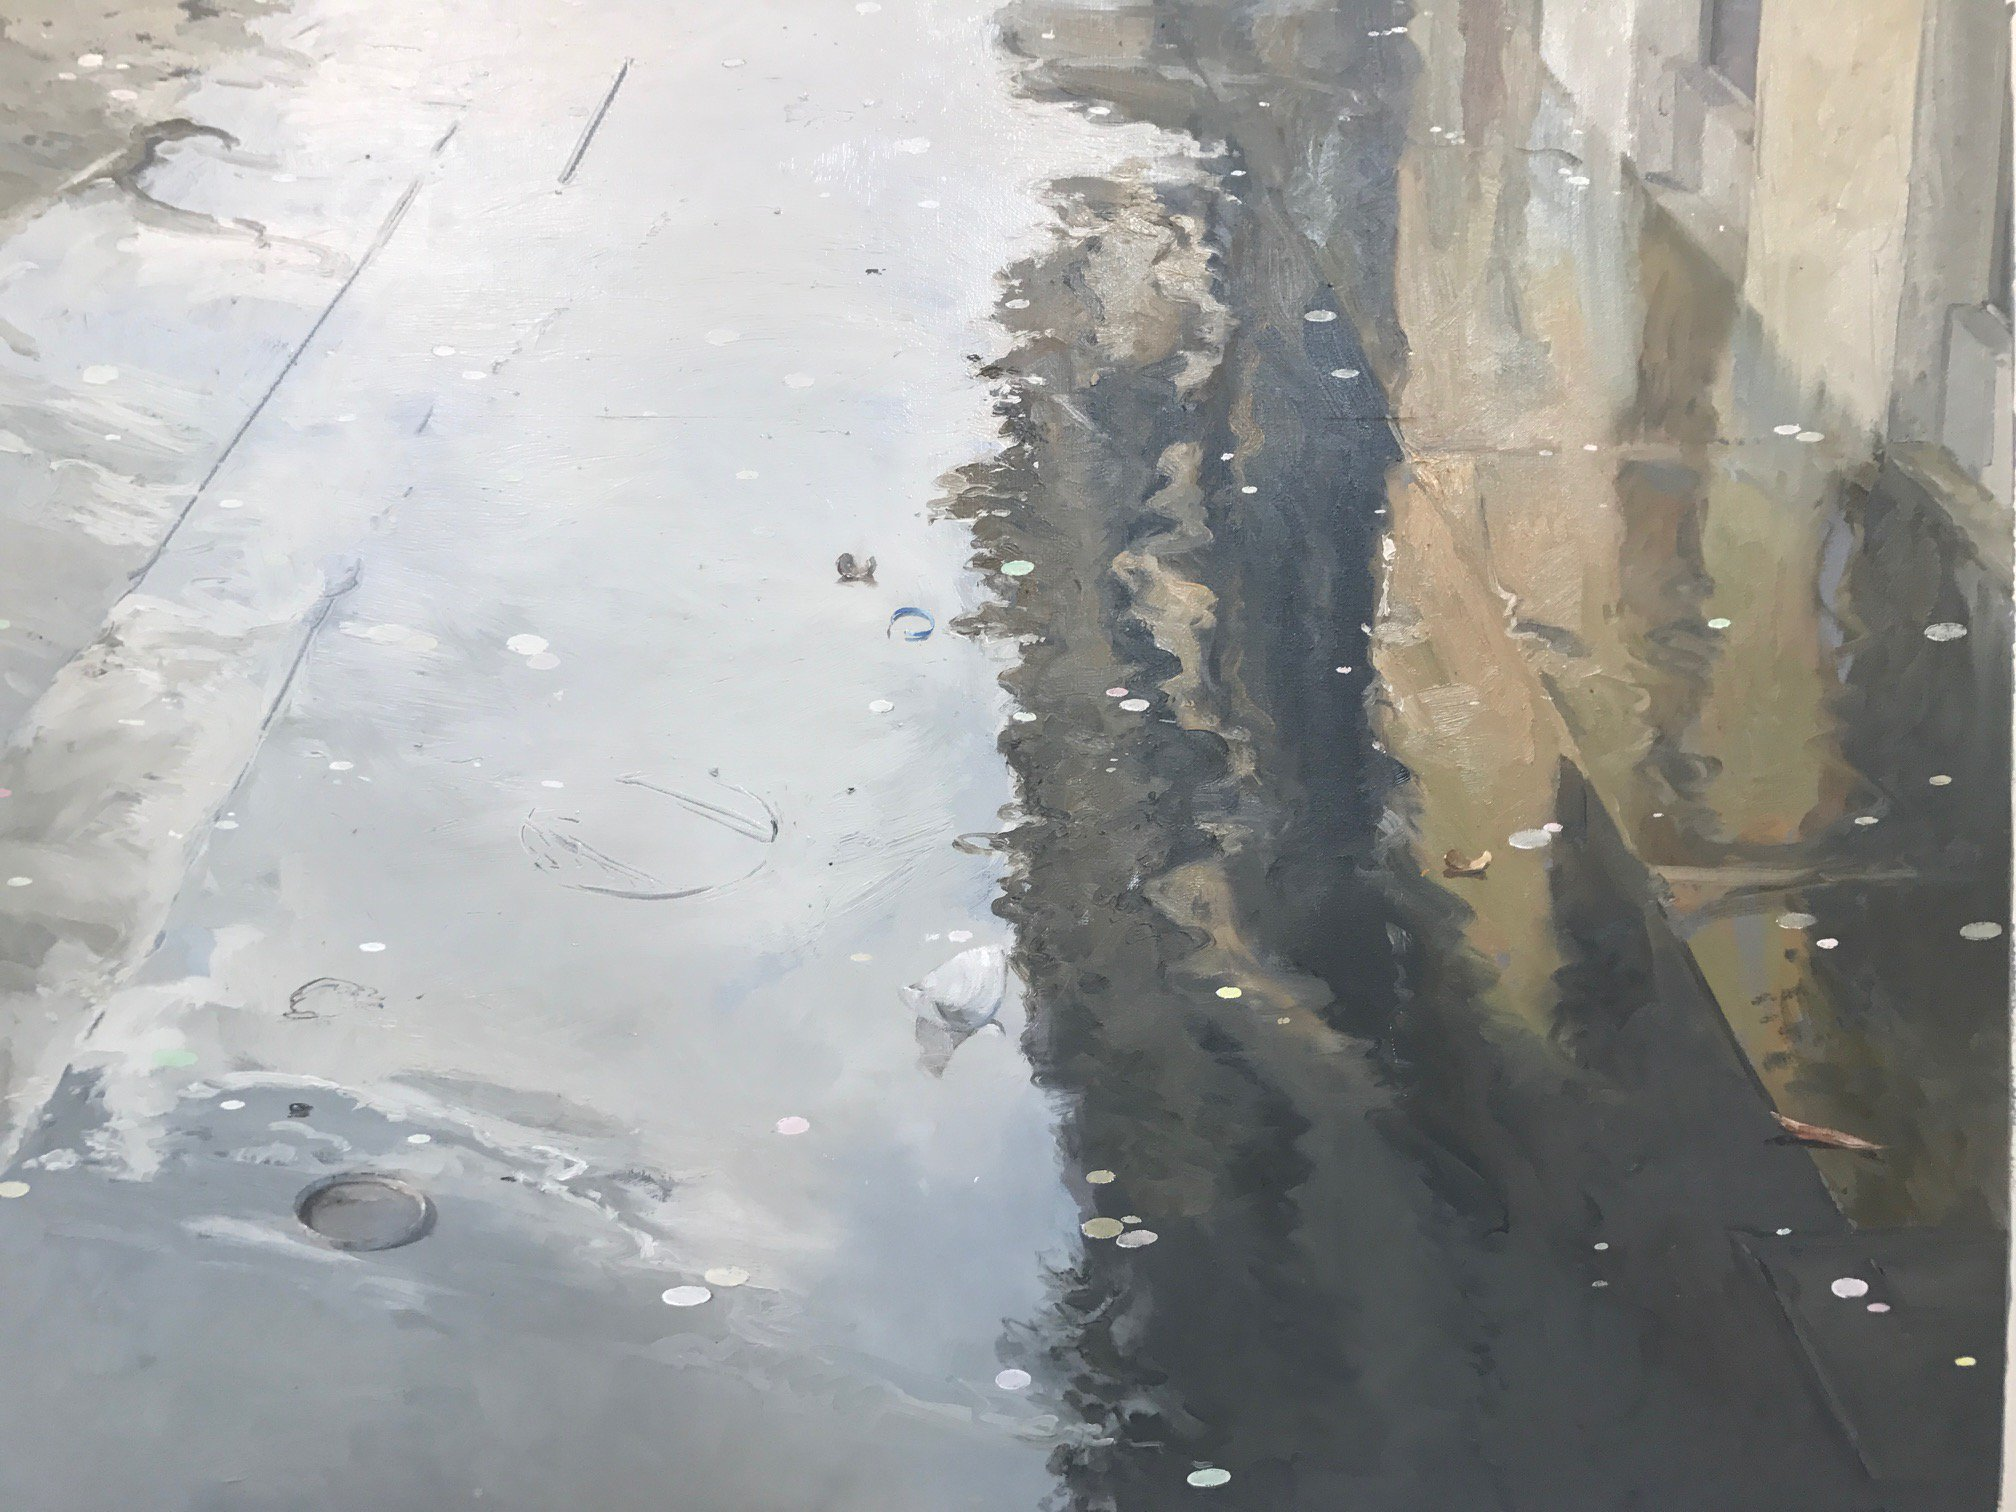 Academie Beaux Arts On Twitter Venez Decouvrir Le Peintre Philippe Garel A L Academie Des Beaux Arts Jusqu Au 30 Juin Peinture